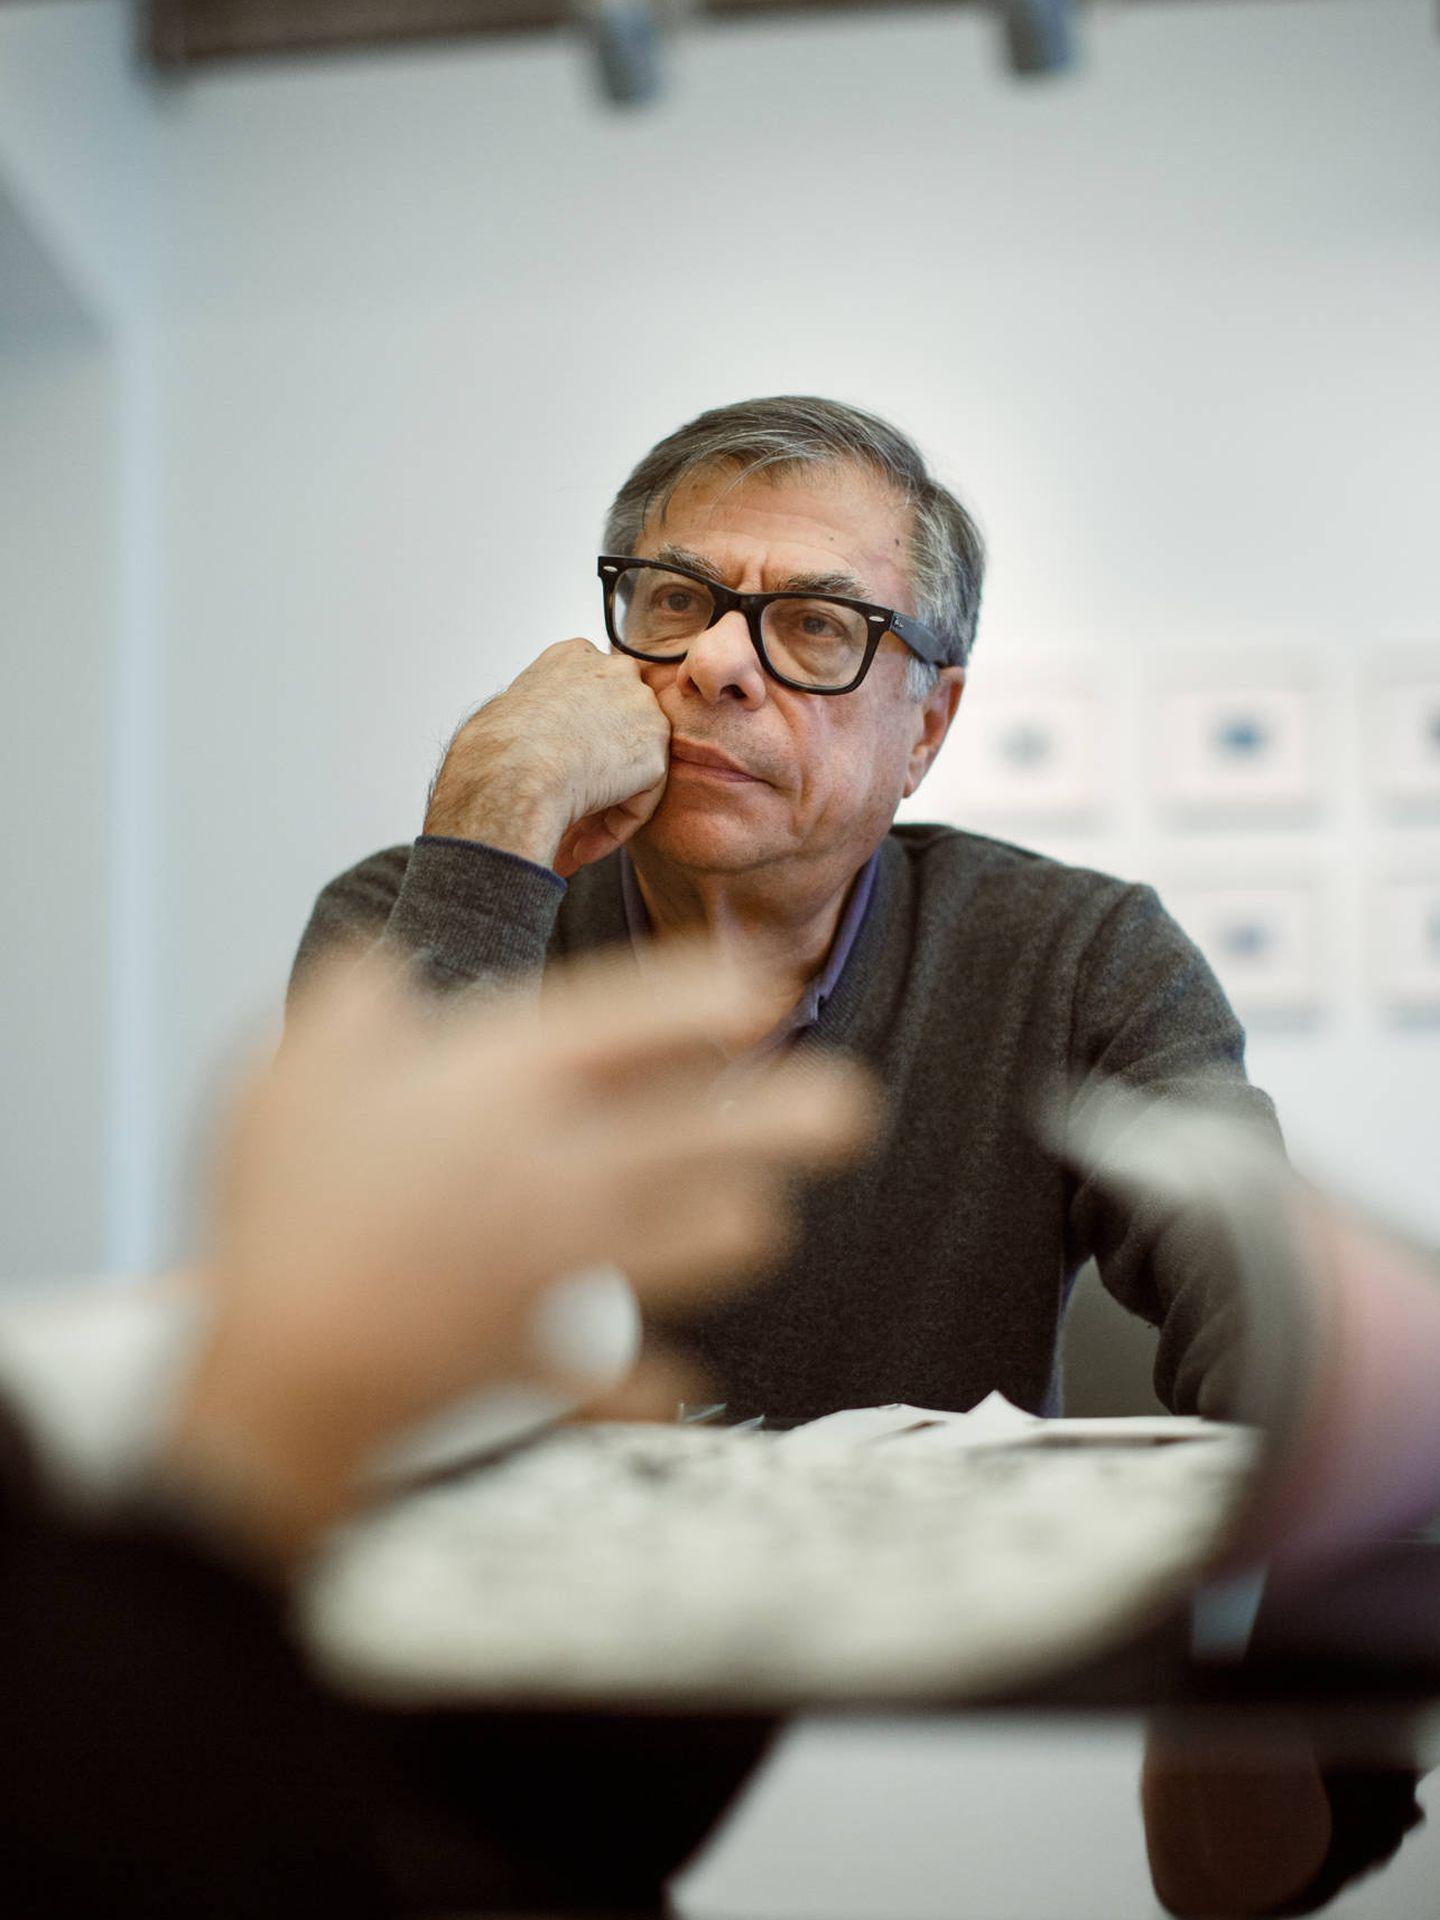 Bob Colacello, en Ivorypress, en noviembre de 2019. (© Pablo Gómez-Ogando. Cortesía Ivorypress)